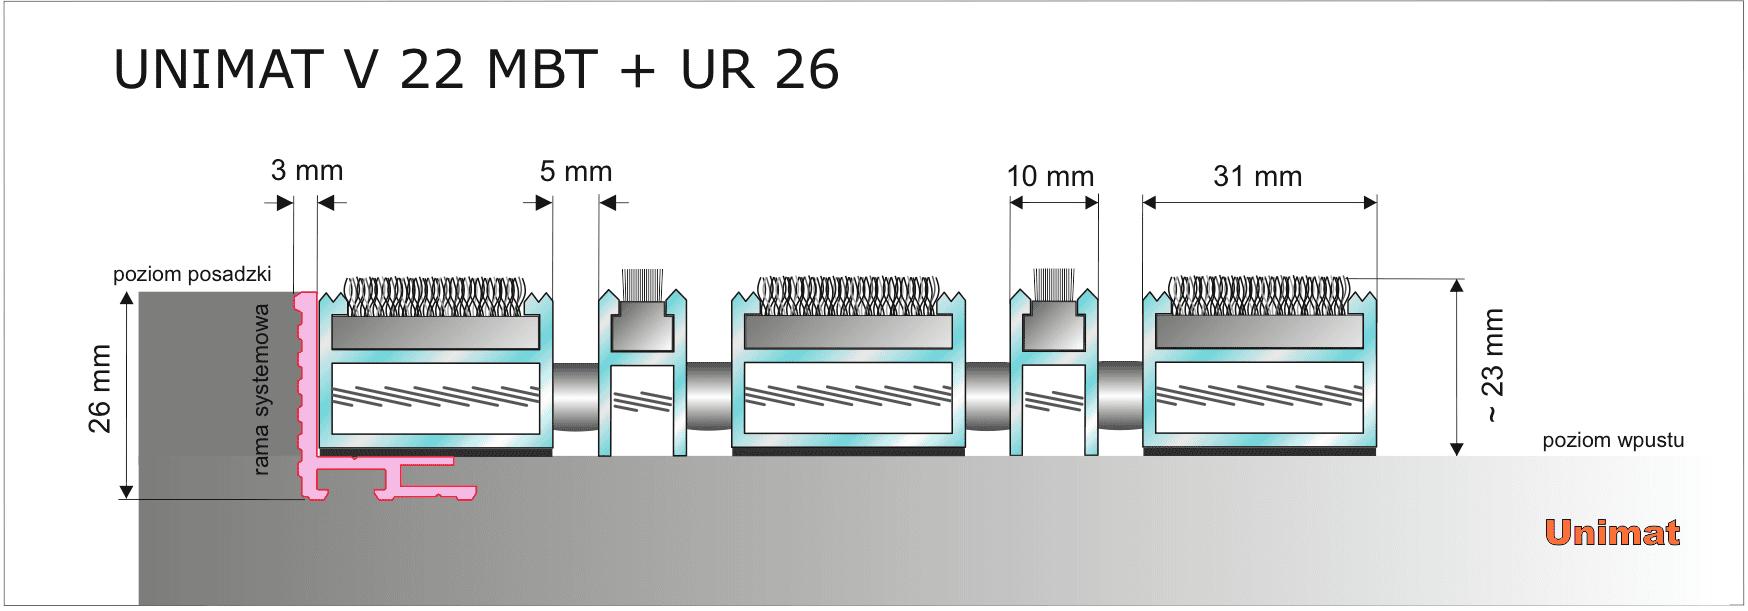 Unimat V 22 MBT + UR26.png